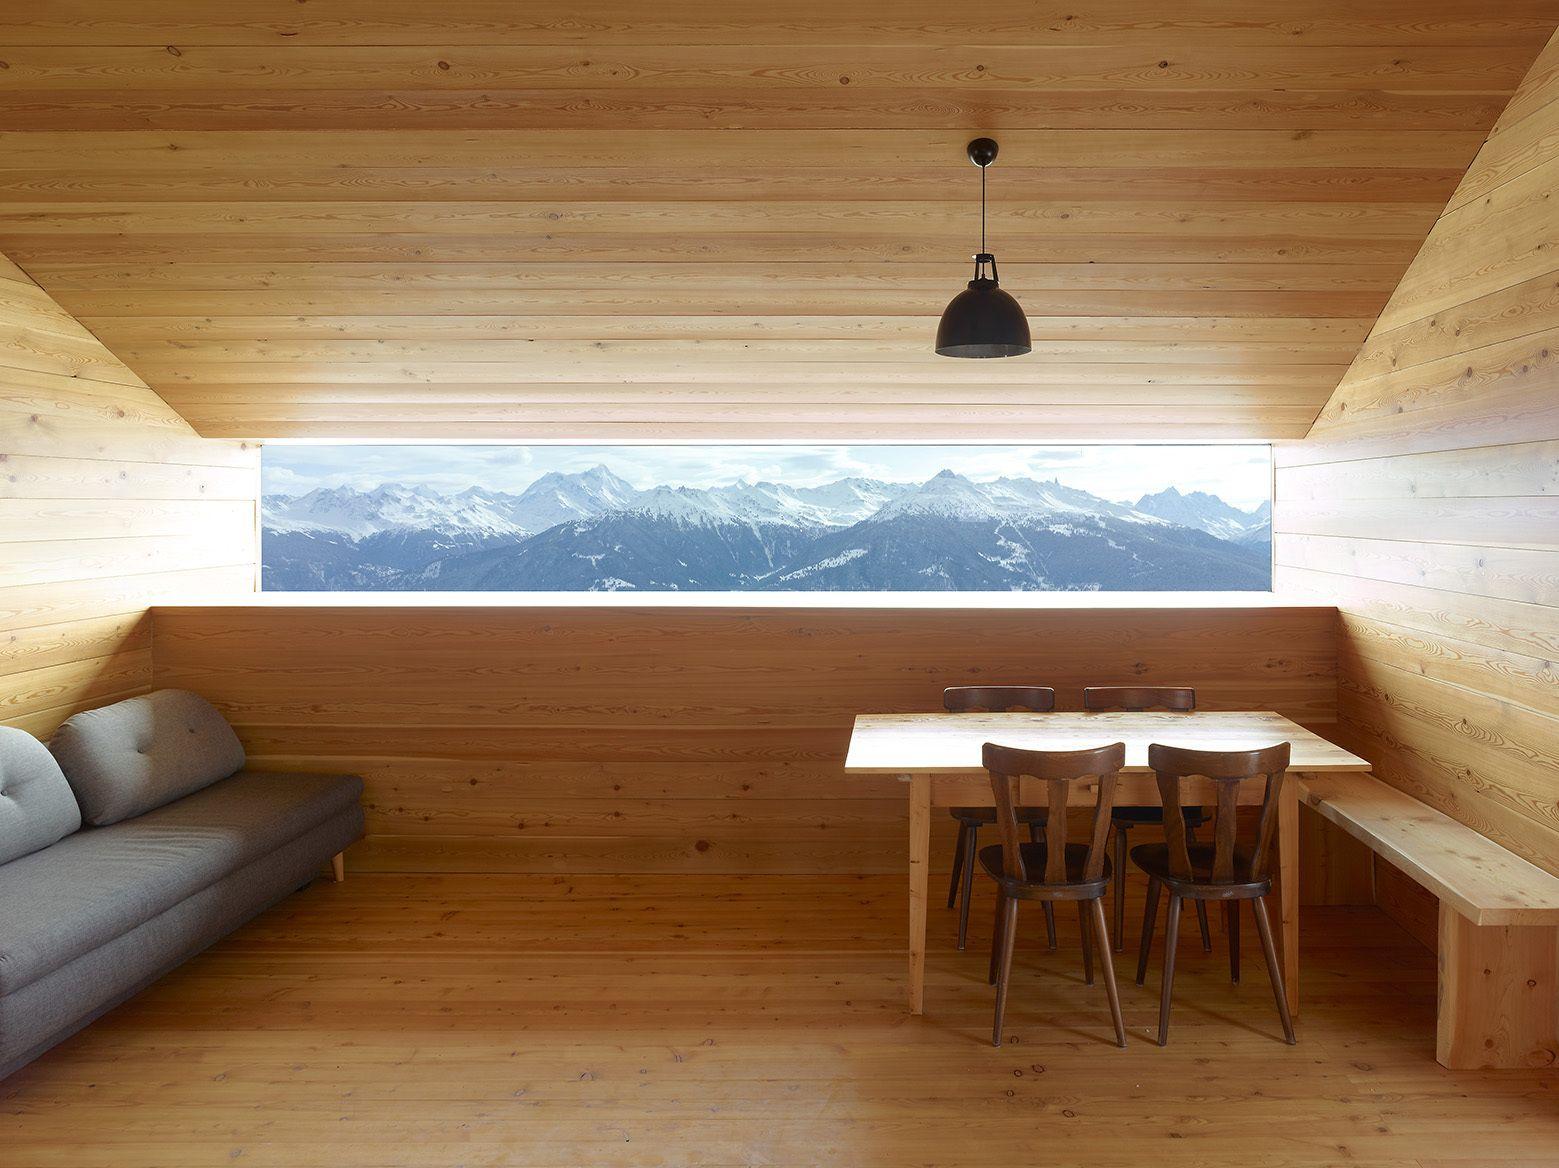 Case Di Montagna Rivista : Gaudin house savioz fabrizzi architectes architecture mountain